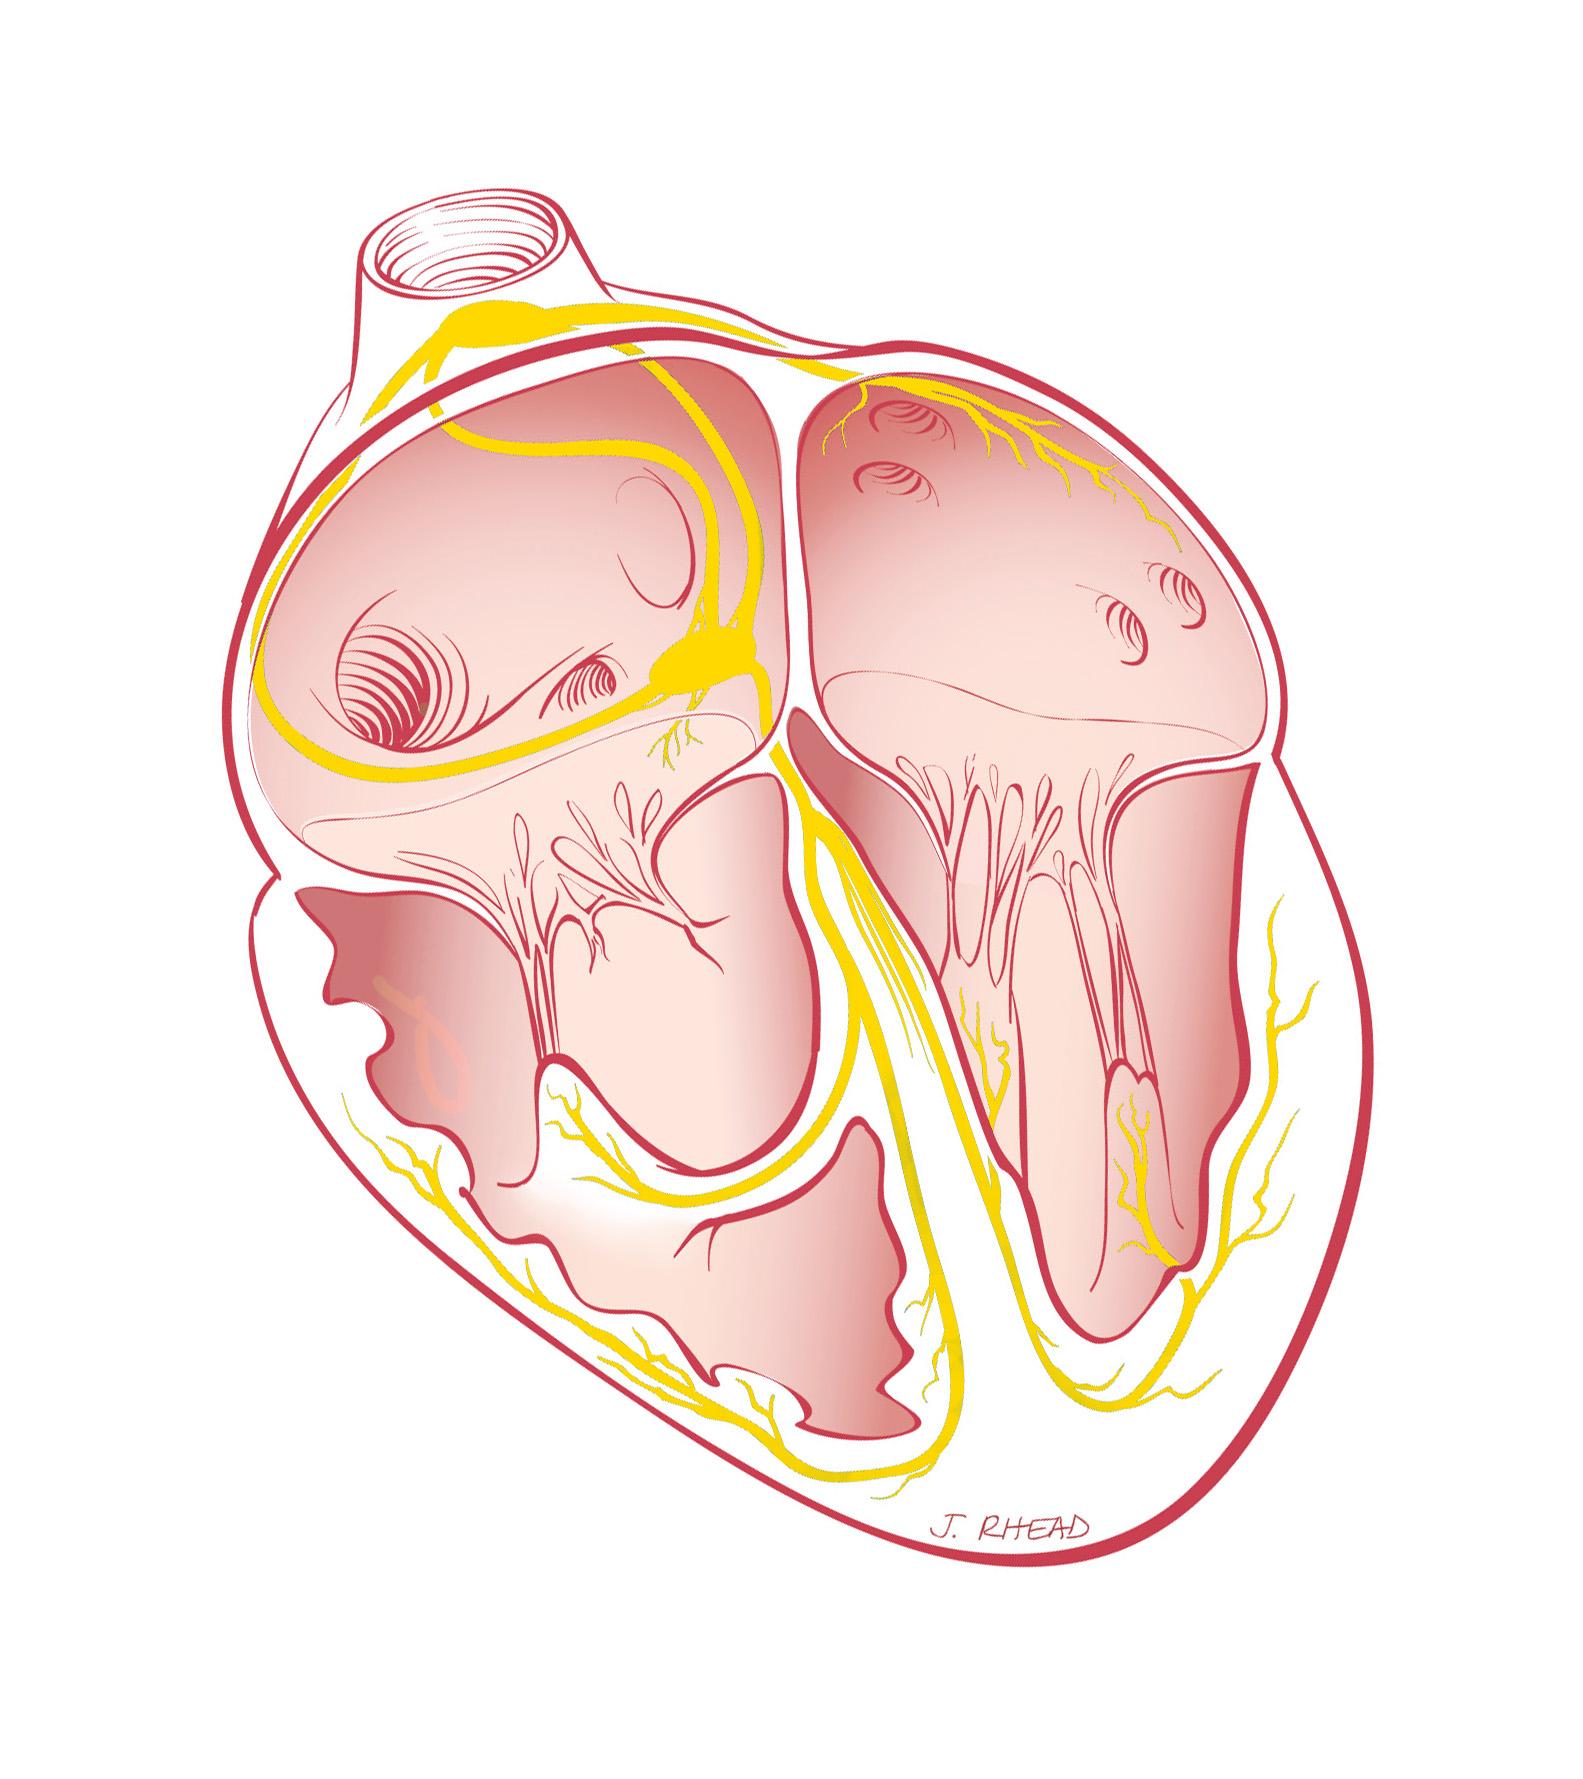 Arrhythmia Heart Care Intermountain Healthcare